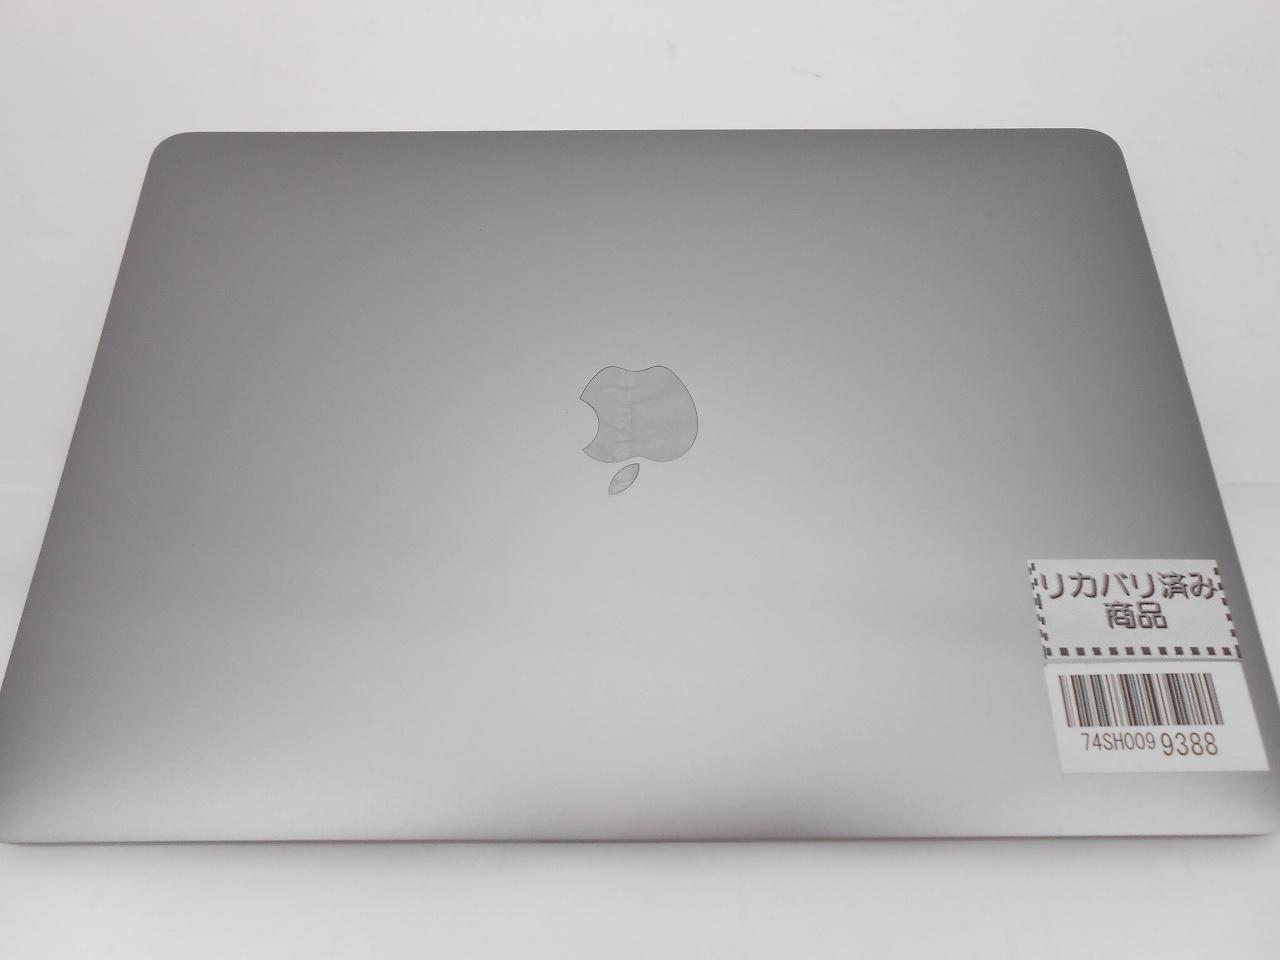 Bランク【決算セール】【中古】 Apple MacBookPro MR9Q2J/A/Mid2018/Corei5 2.3GHz/メモリ8GB/SSD256GB/13インチ/Mac OS High Sierra【3ヶ月保証】【足立店発送】